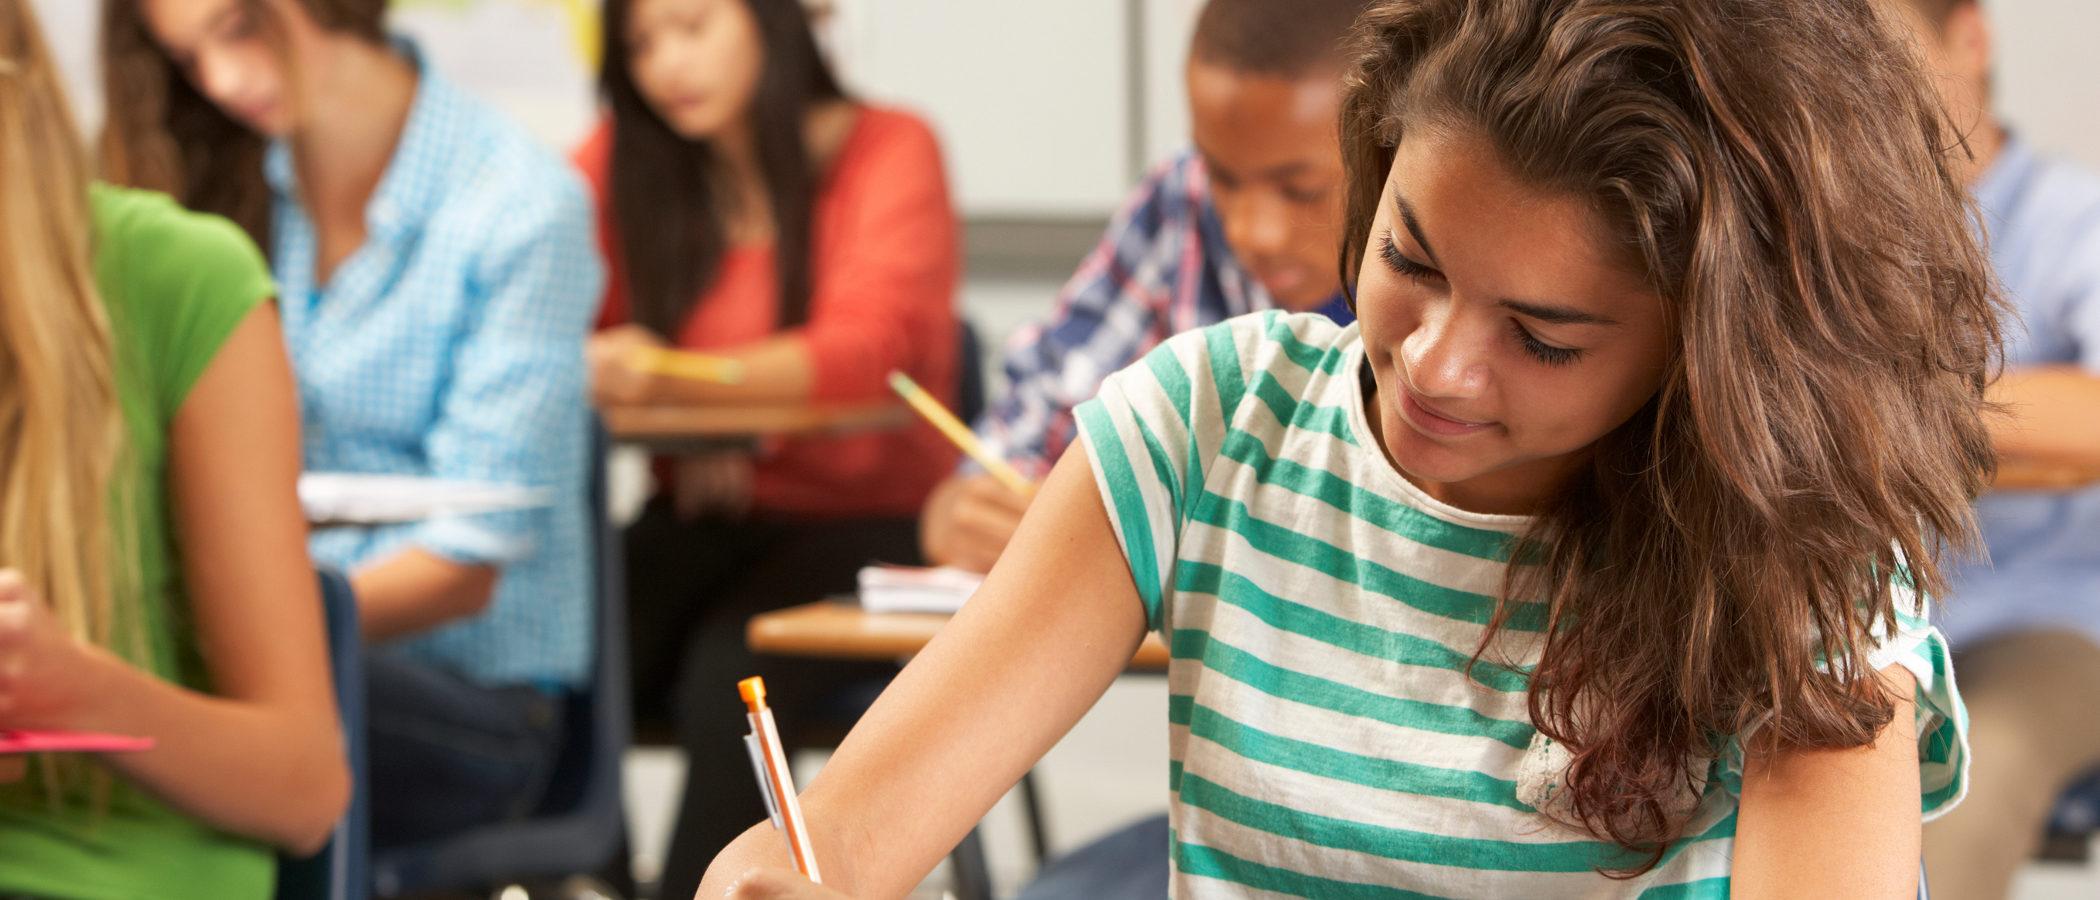 El cambio de Educación Primaria a Secundaria en niños